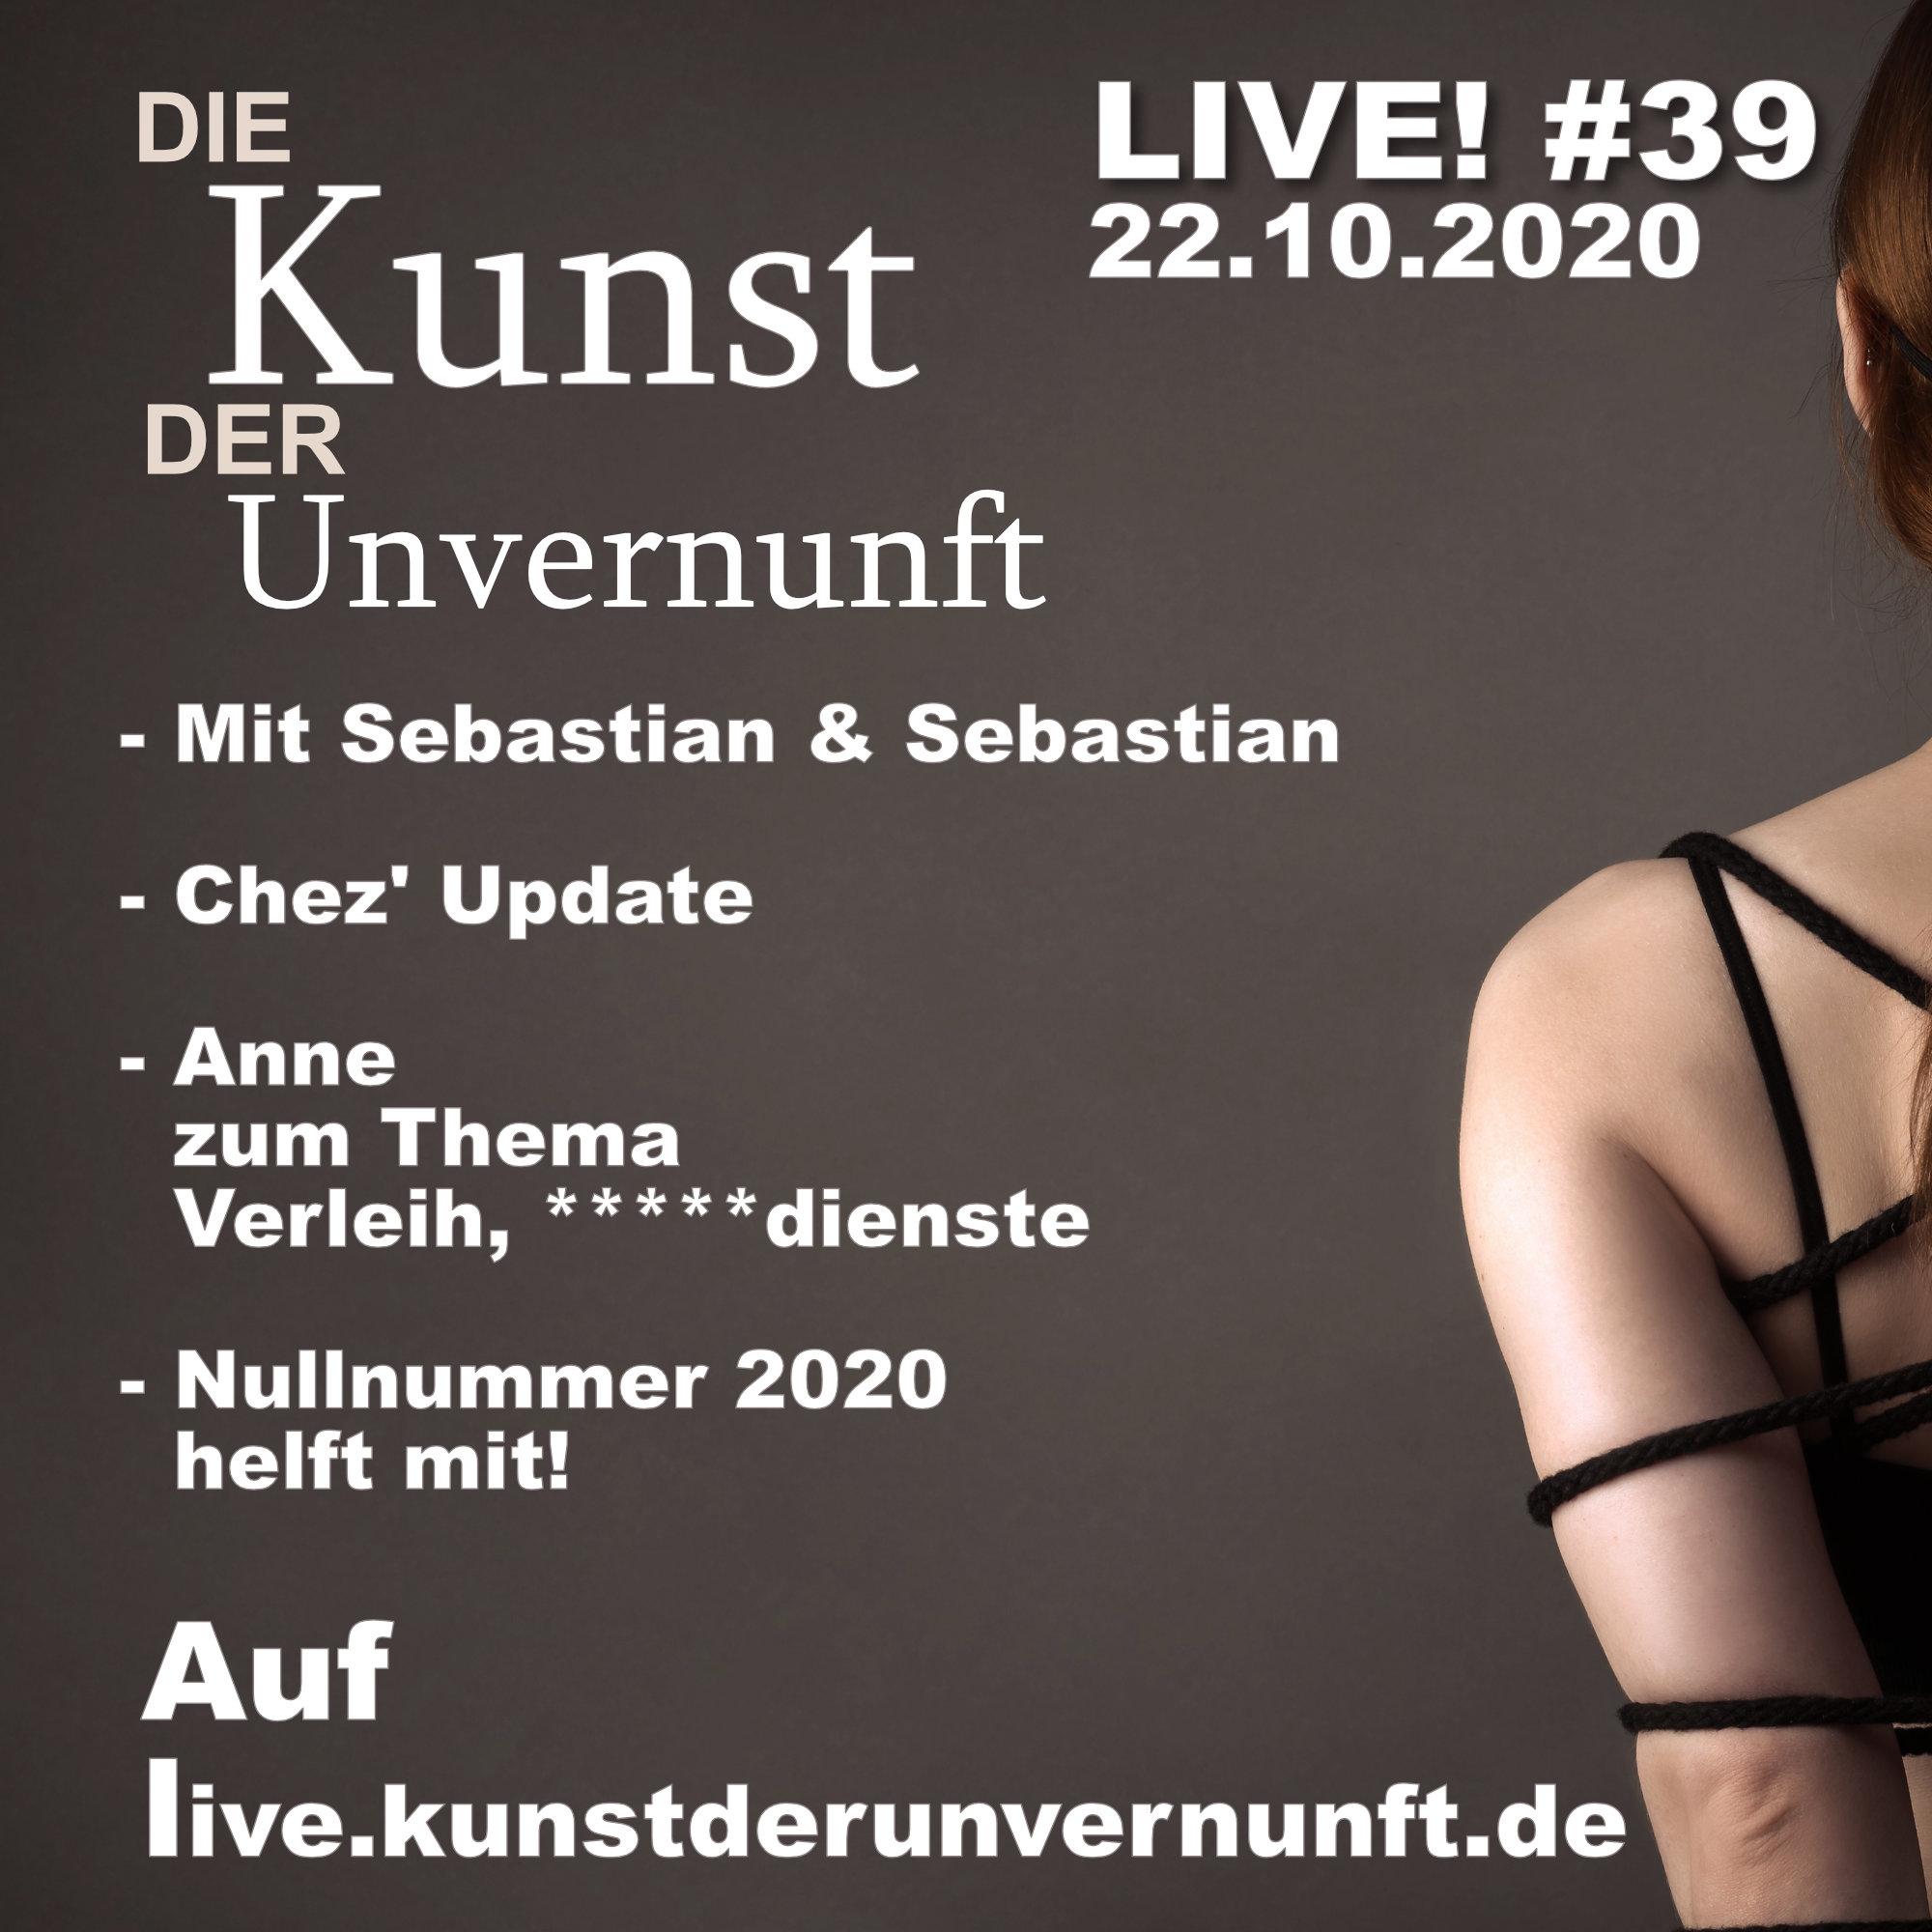 Unvernunft Live 22.10.20 - Die andere Seite